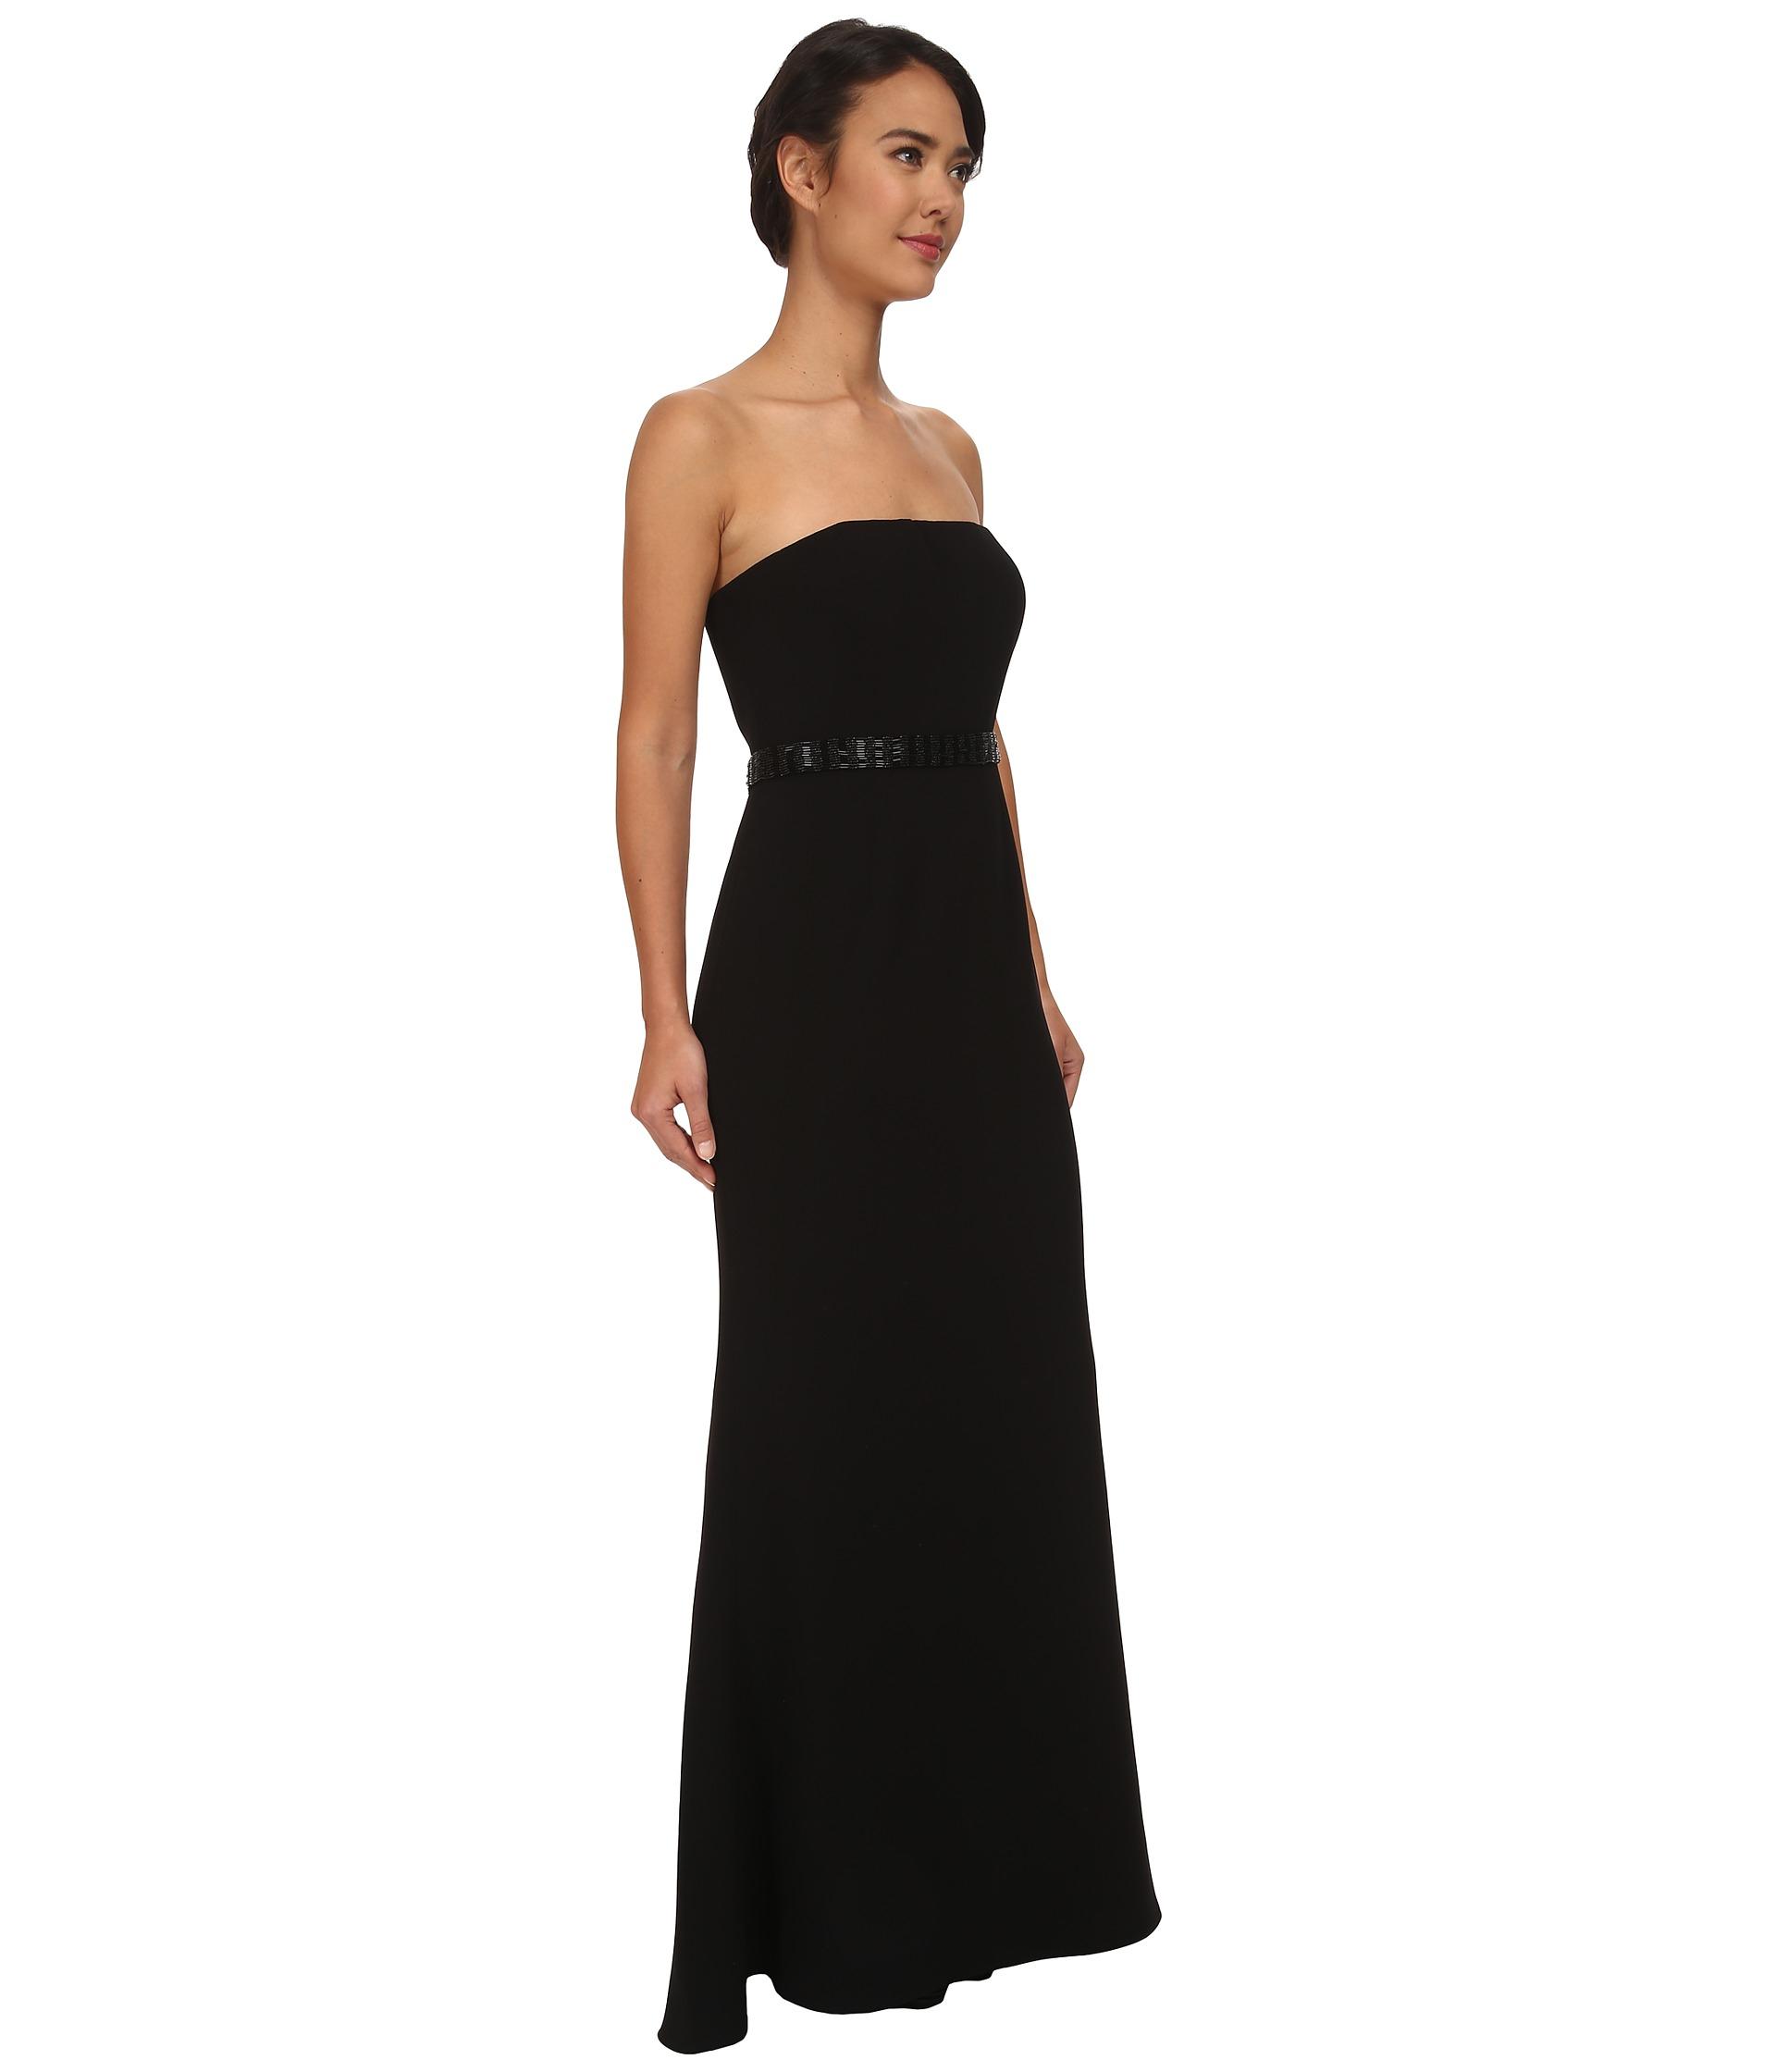 Lyst - Calvin Klein Strapless Gown Cd5b1933 in Black